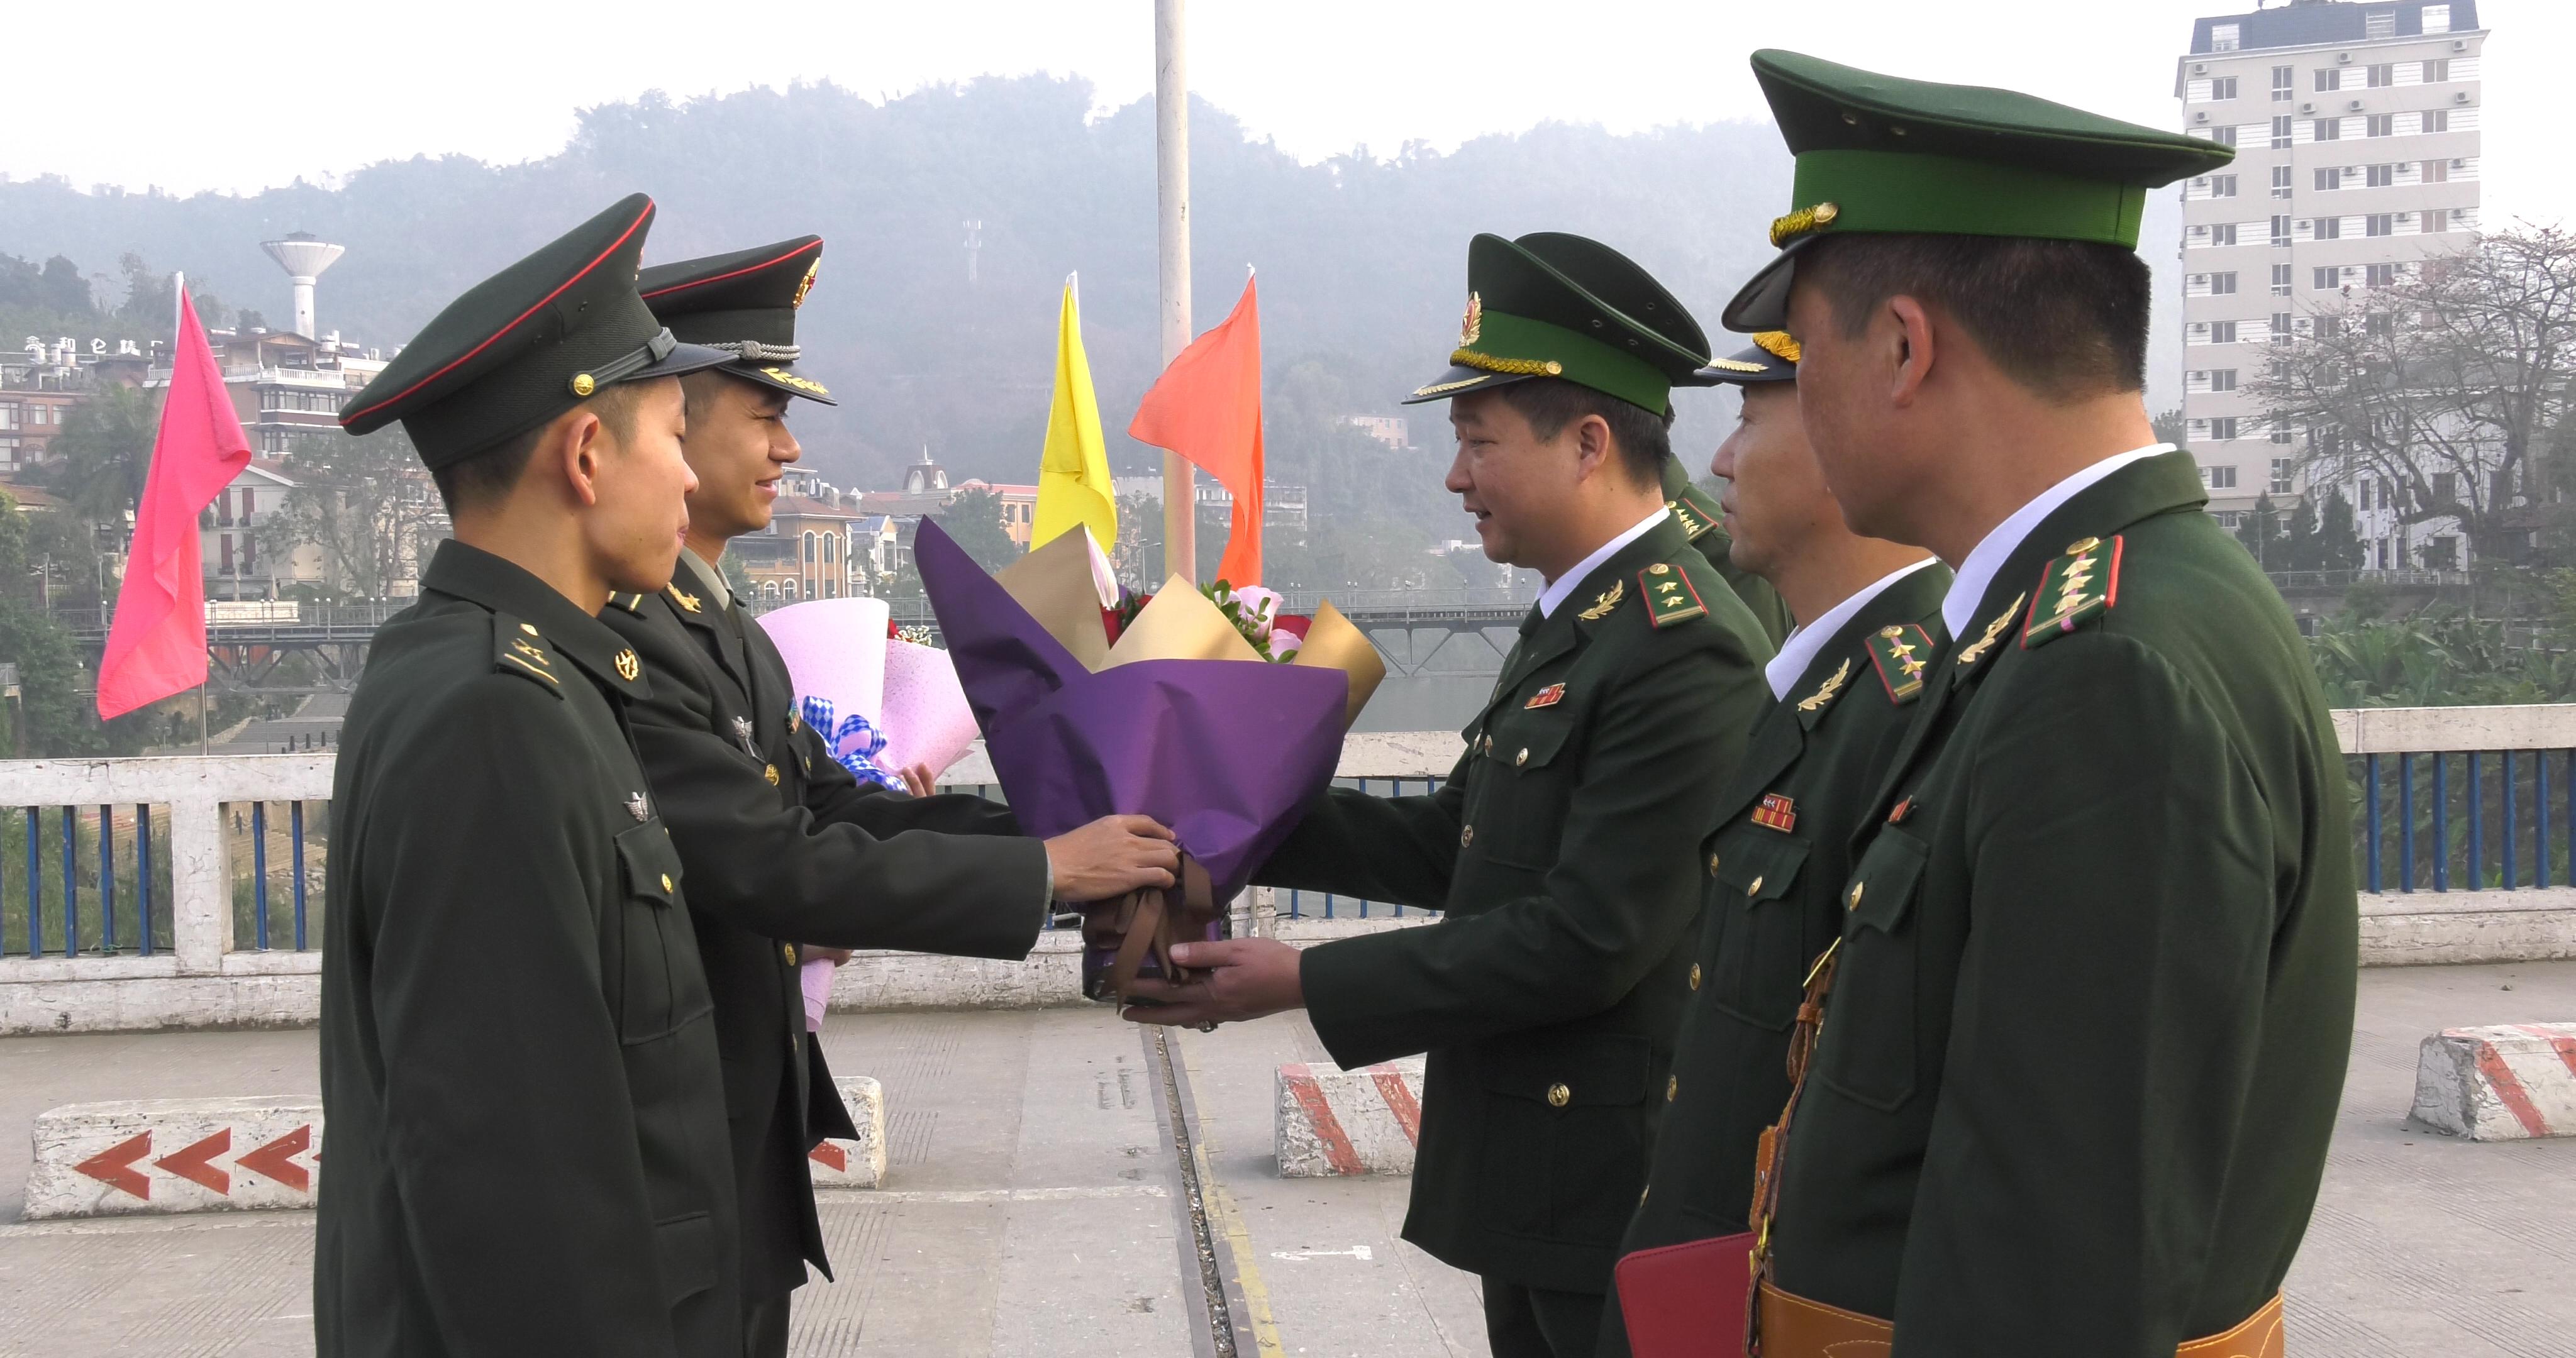 Ngày đầu năm mới ở Cửa khẩu quốc tế Lào Cai